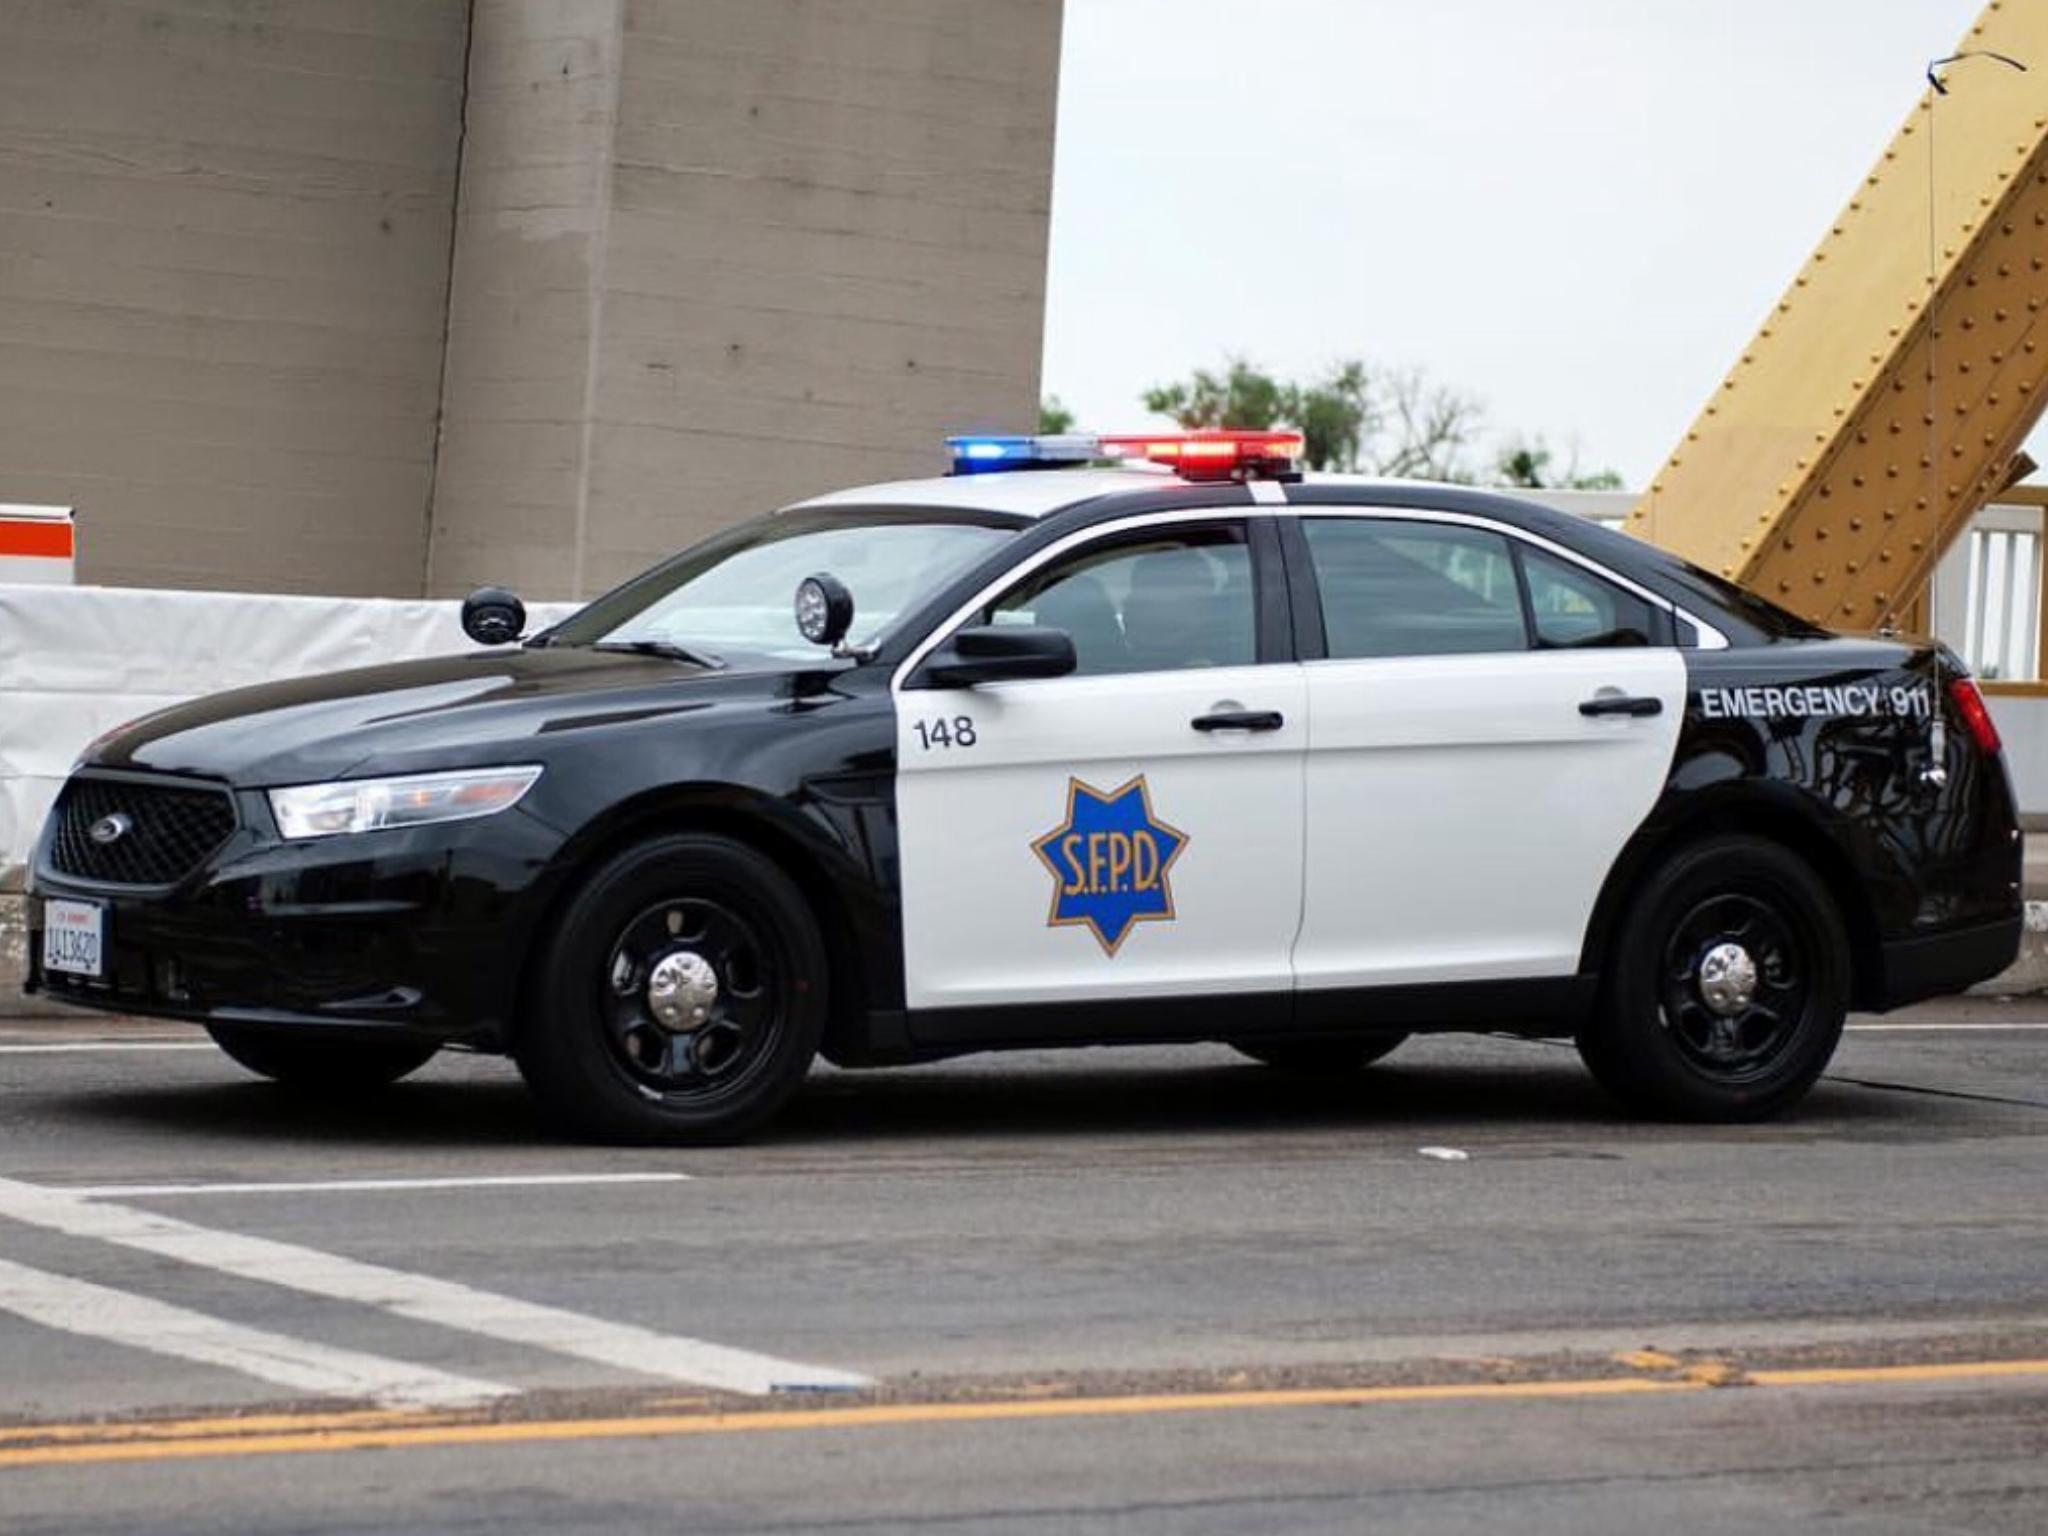 San Francisco Ca Police 148 Ford Interceptor Police Cars Us Police Car Ford Police